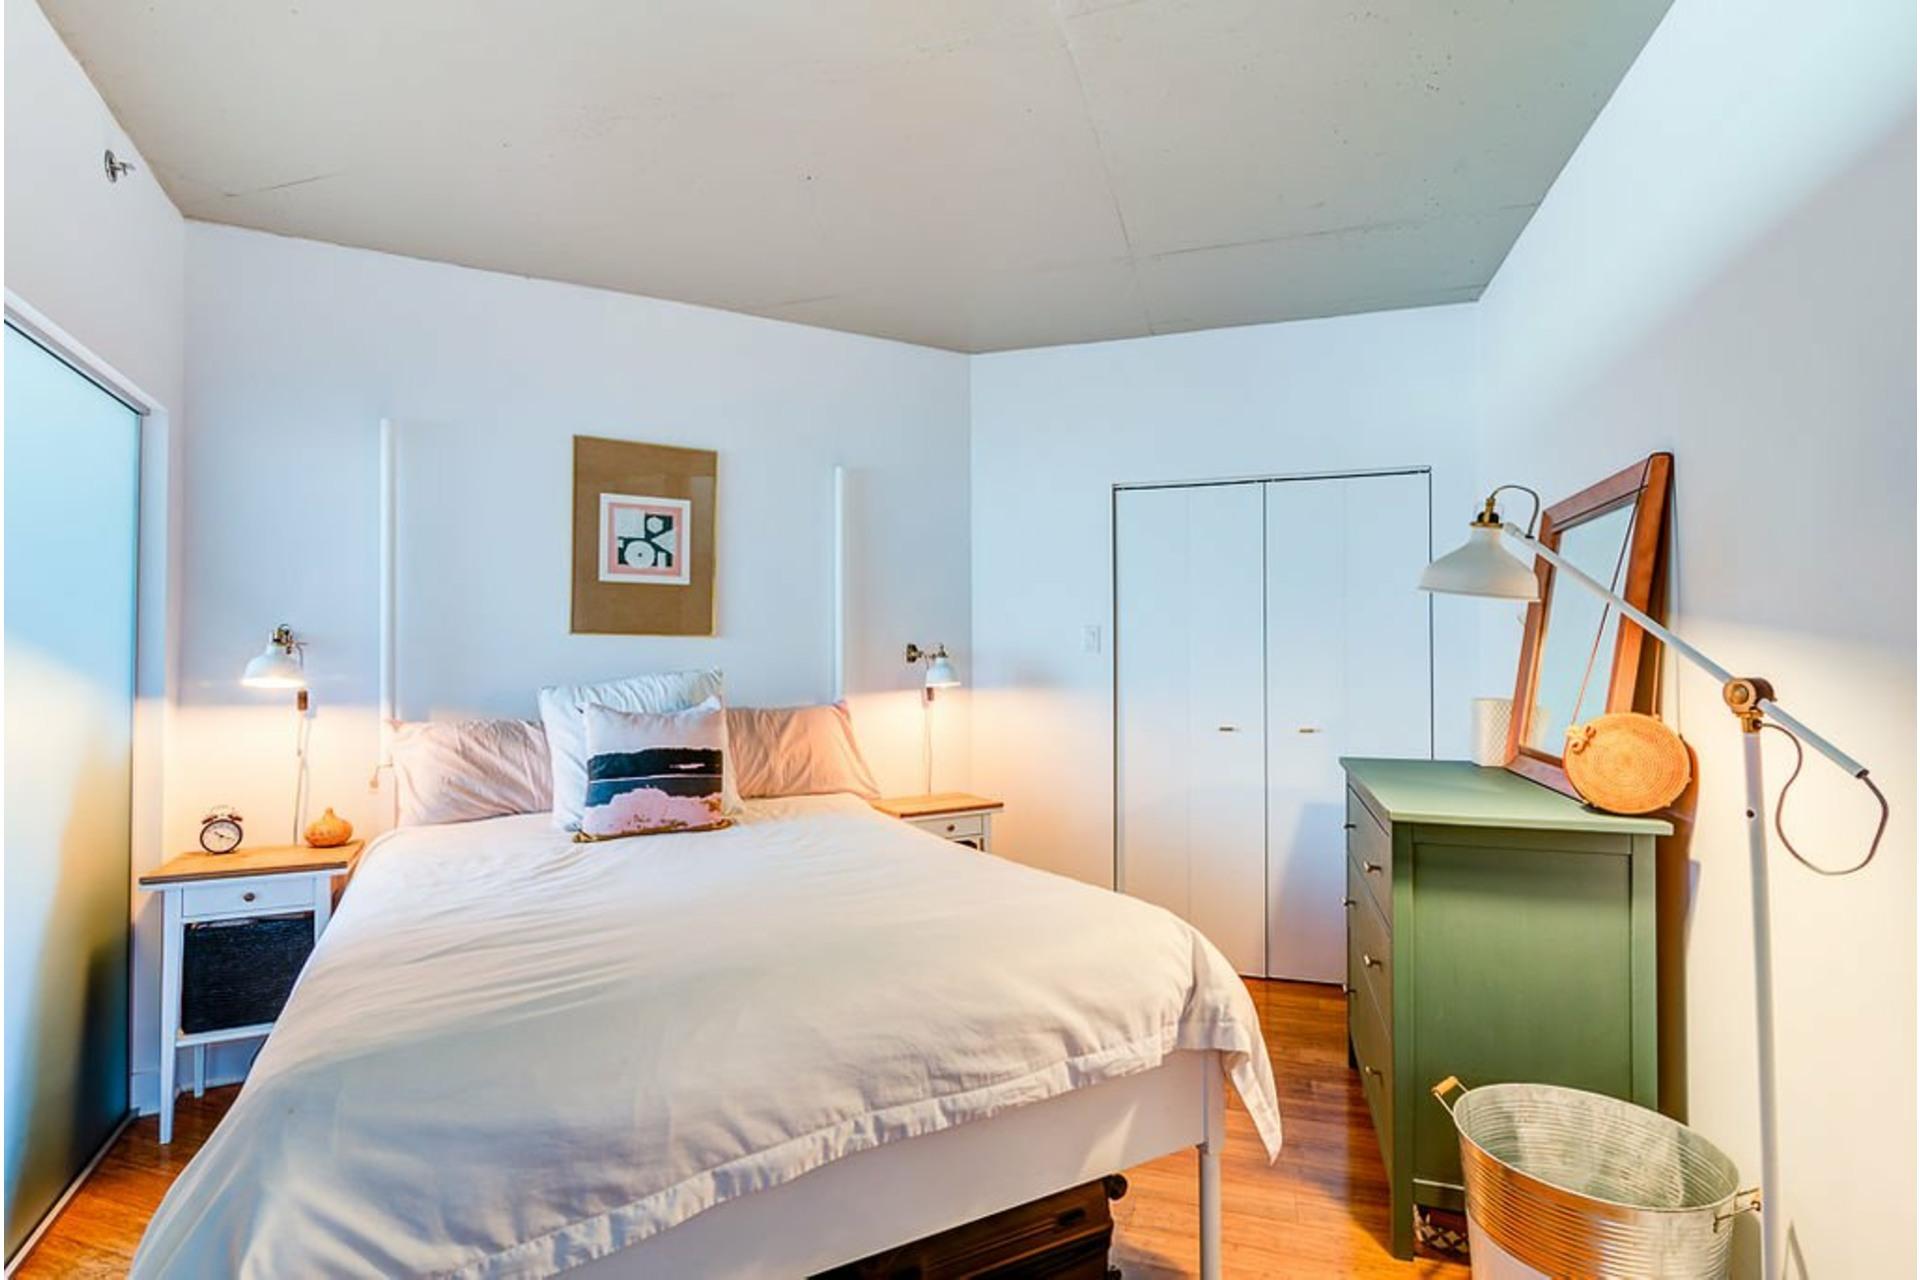 image 14 - Apartment For sale Villeray/Saint-Michel/Parc-Extension Montréal  - 4 rooms